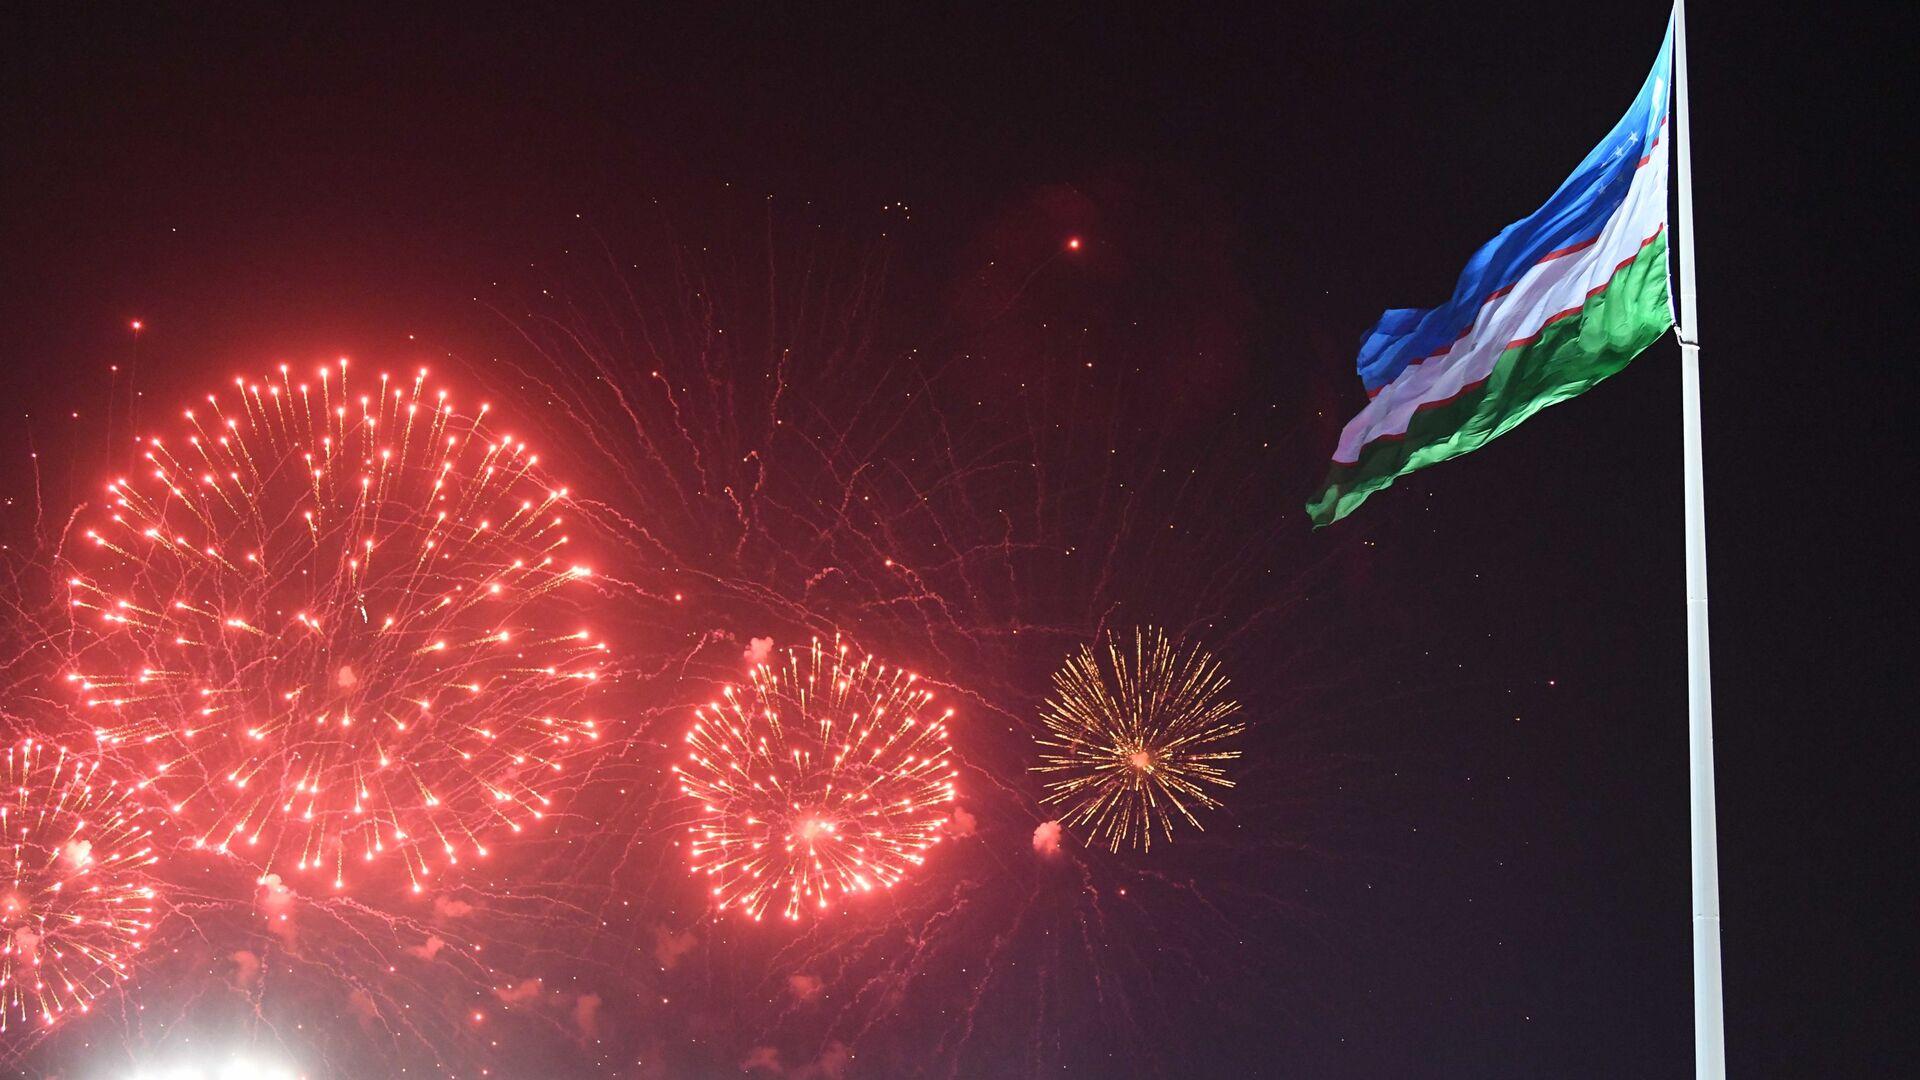 Праздничный салют в Ташкенте в честь Дня Независимости Узбекистана - Sputnik Узбекистан, 1920, 11.10.2021